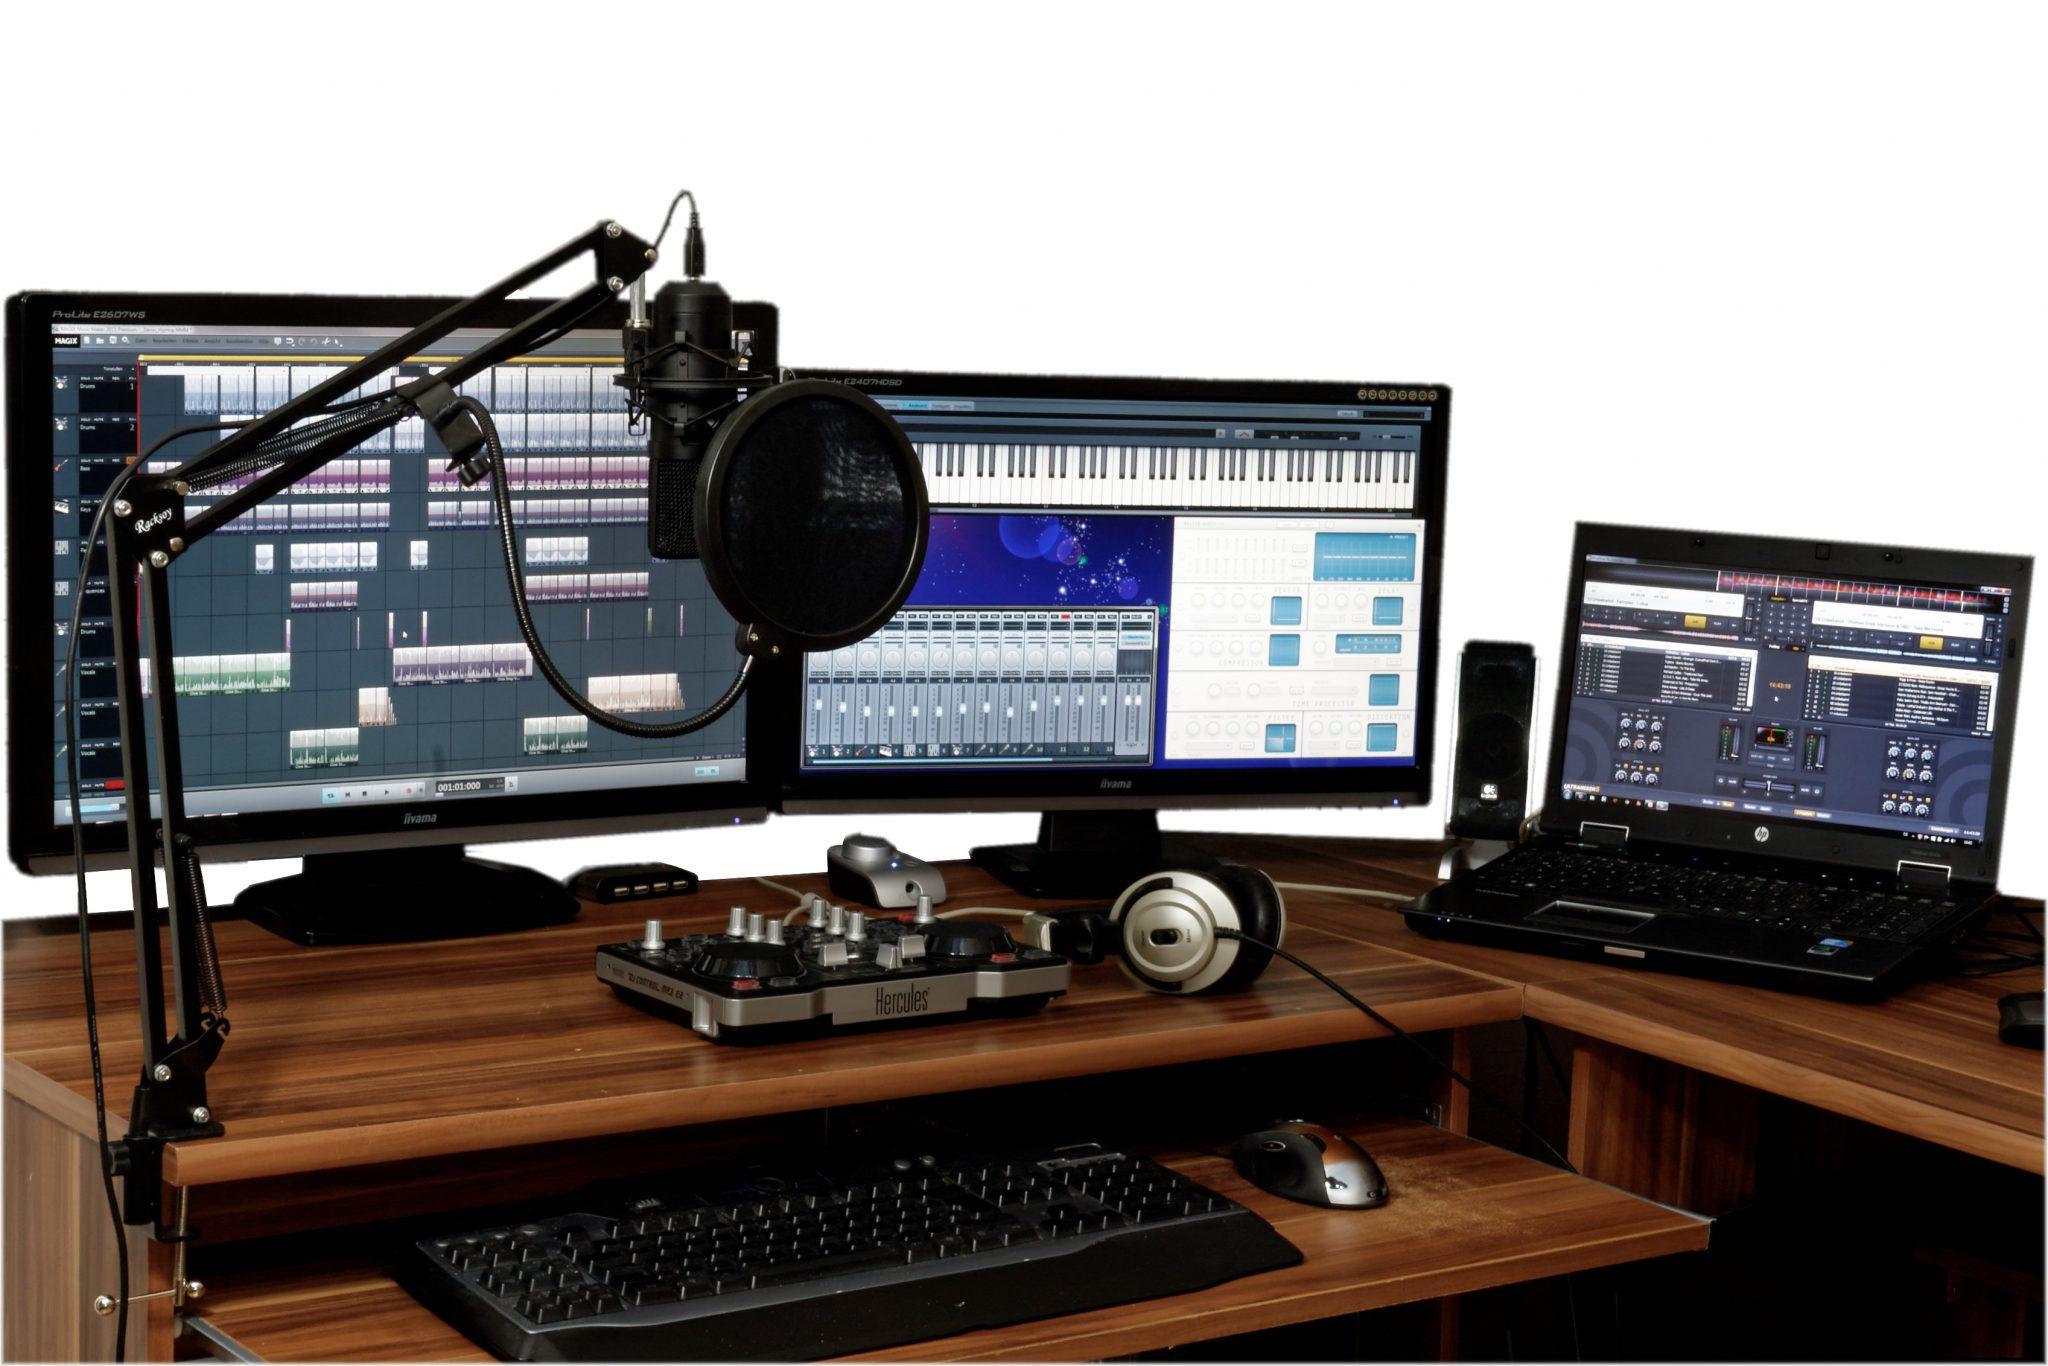 أفضل برامج لتعديل الصوت للمبتدئين في مجال البث الصوتي